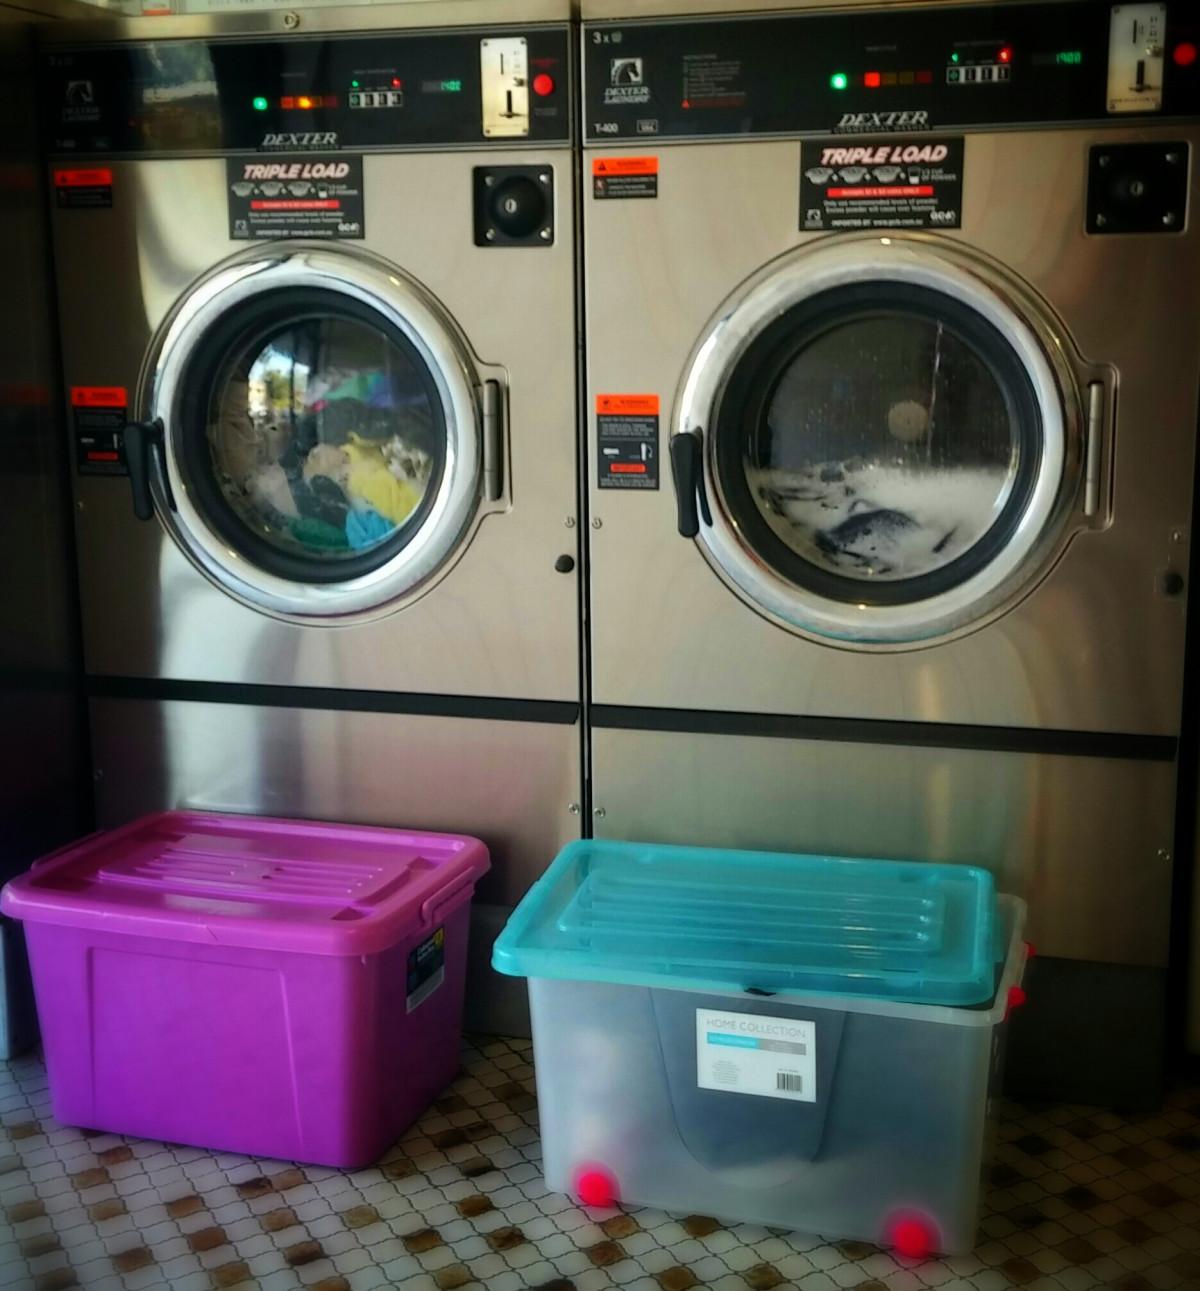 images gratuites la lessive chambre blanchisserie laverie automatique machine laver. Black Bedroom Furniture Sets. Home Design Ideas